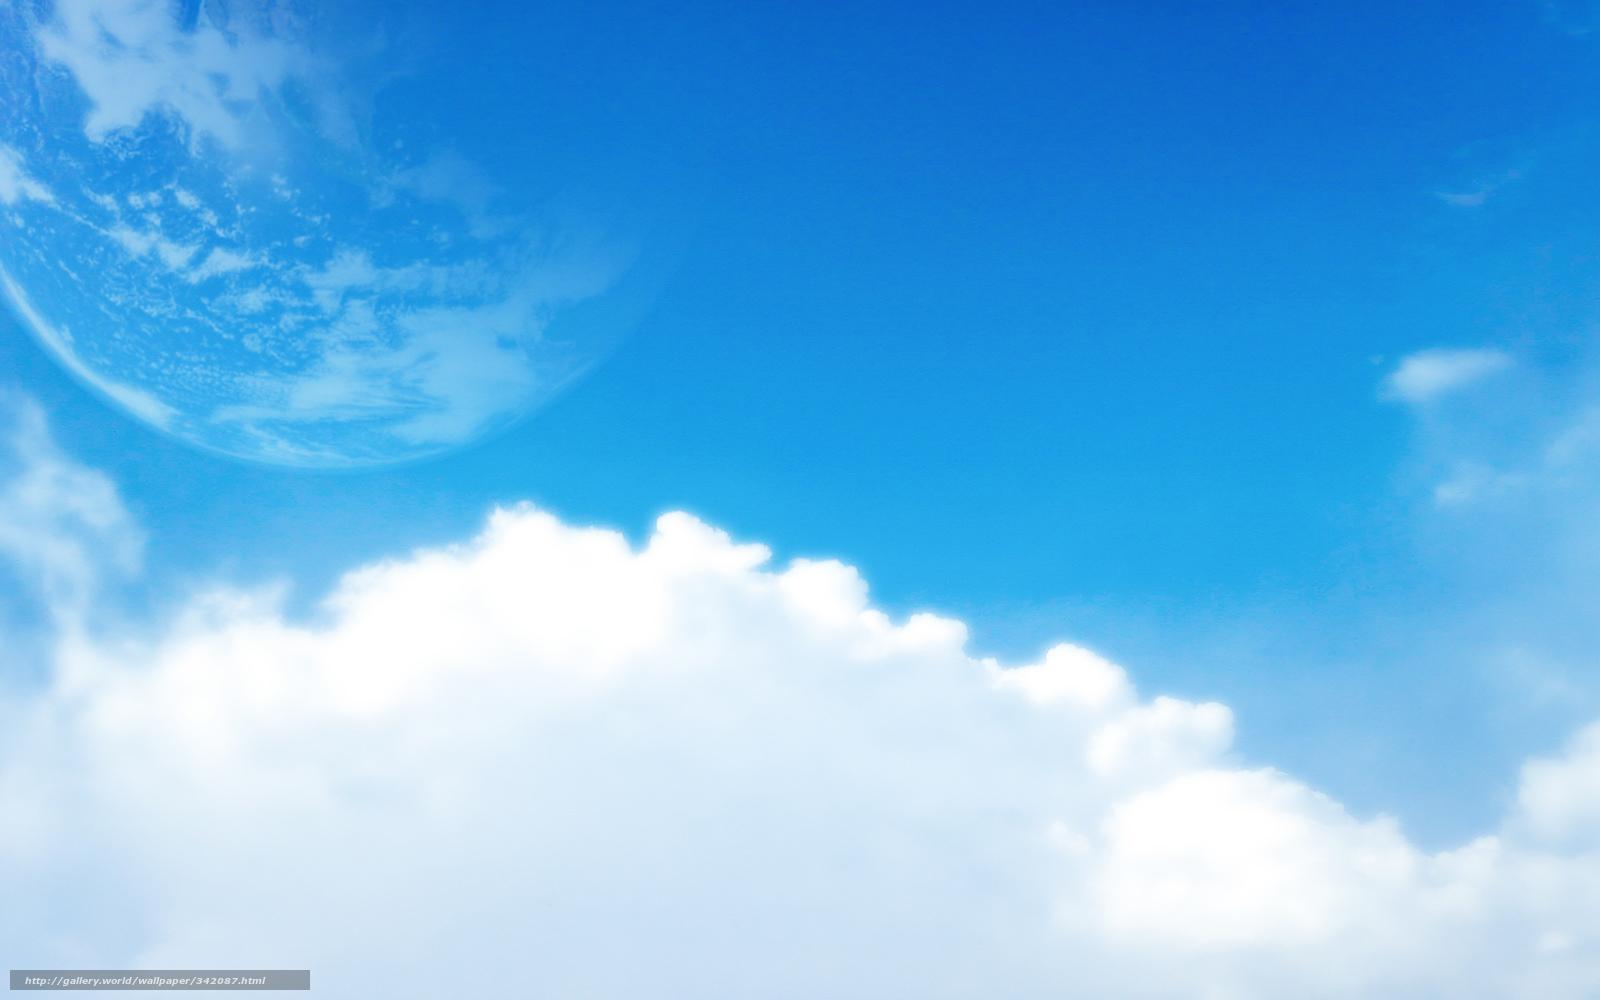 tlcharger fond d 39 ecran ciel nuages lune plante fonds d 39 ecran gratuits pour votre rsolution du. Black Bedroom Furniture Sets. Home Design Ideas